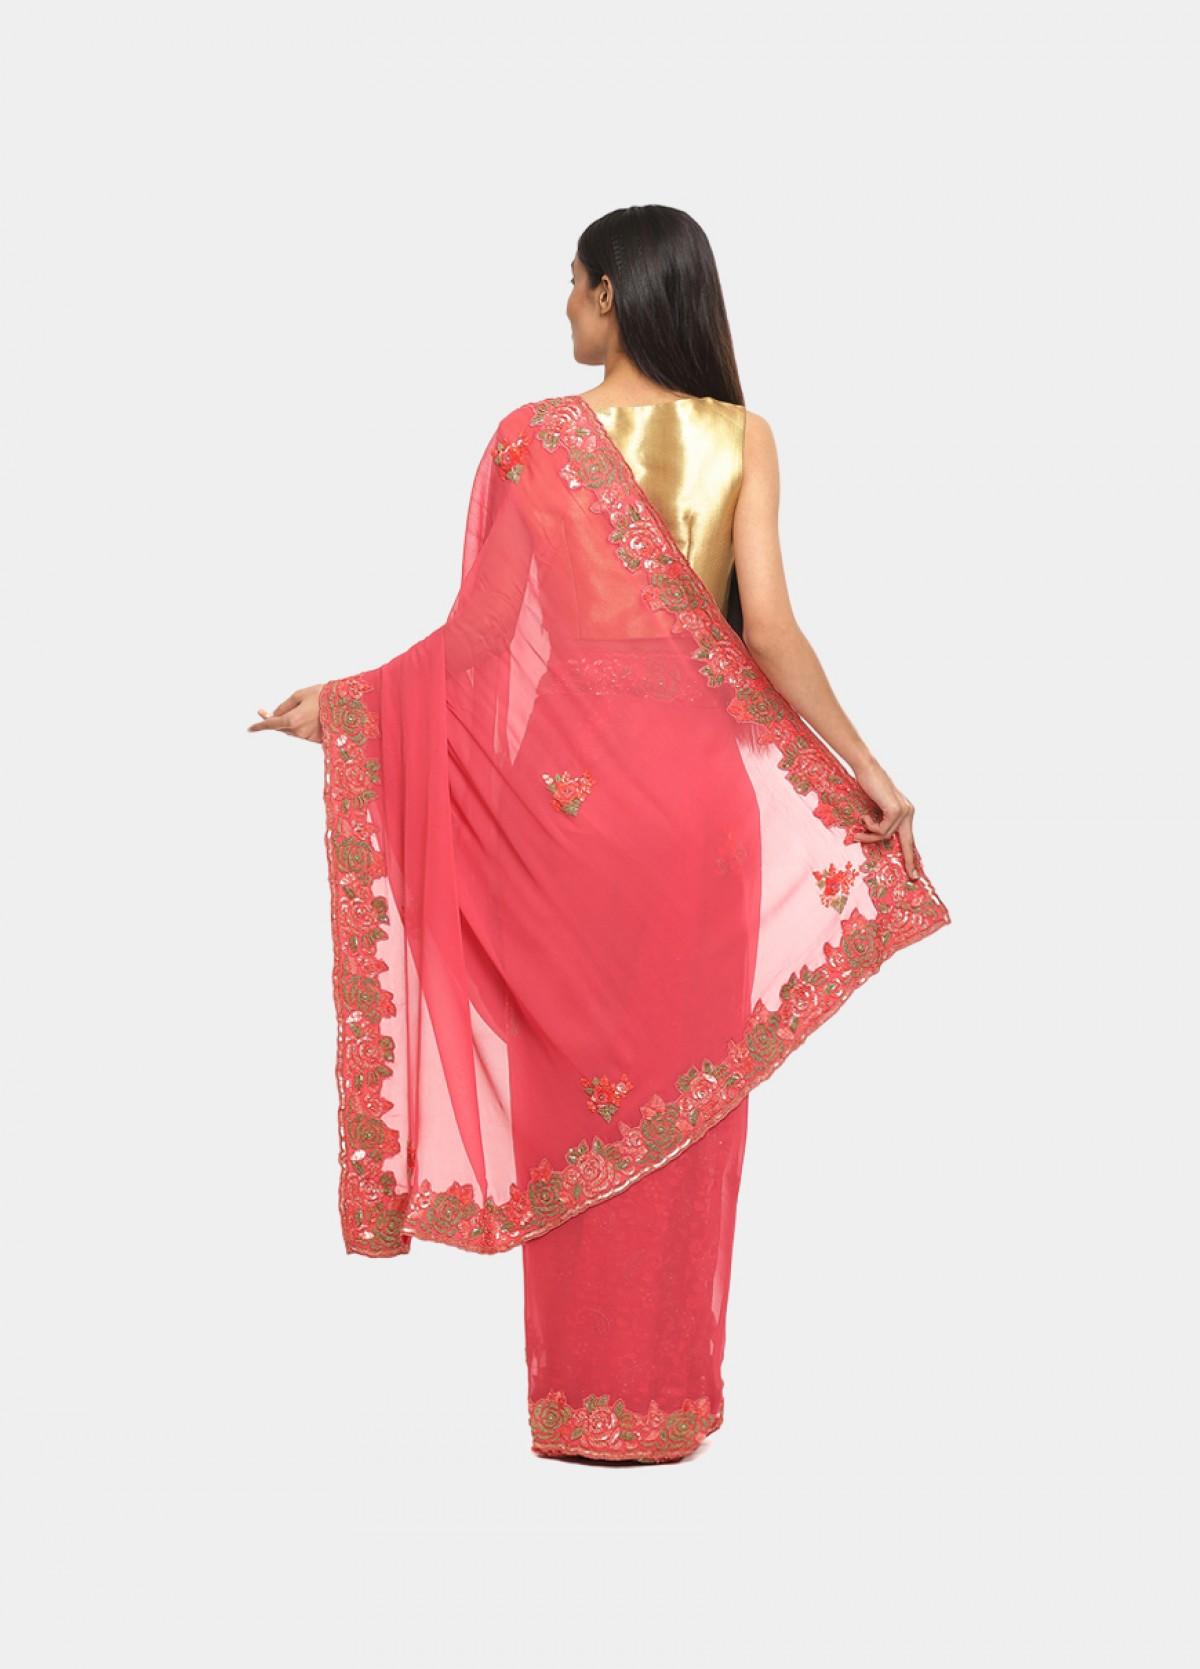 The Orange Georgette Embroidered Sari